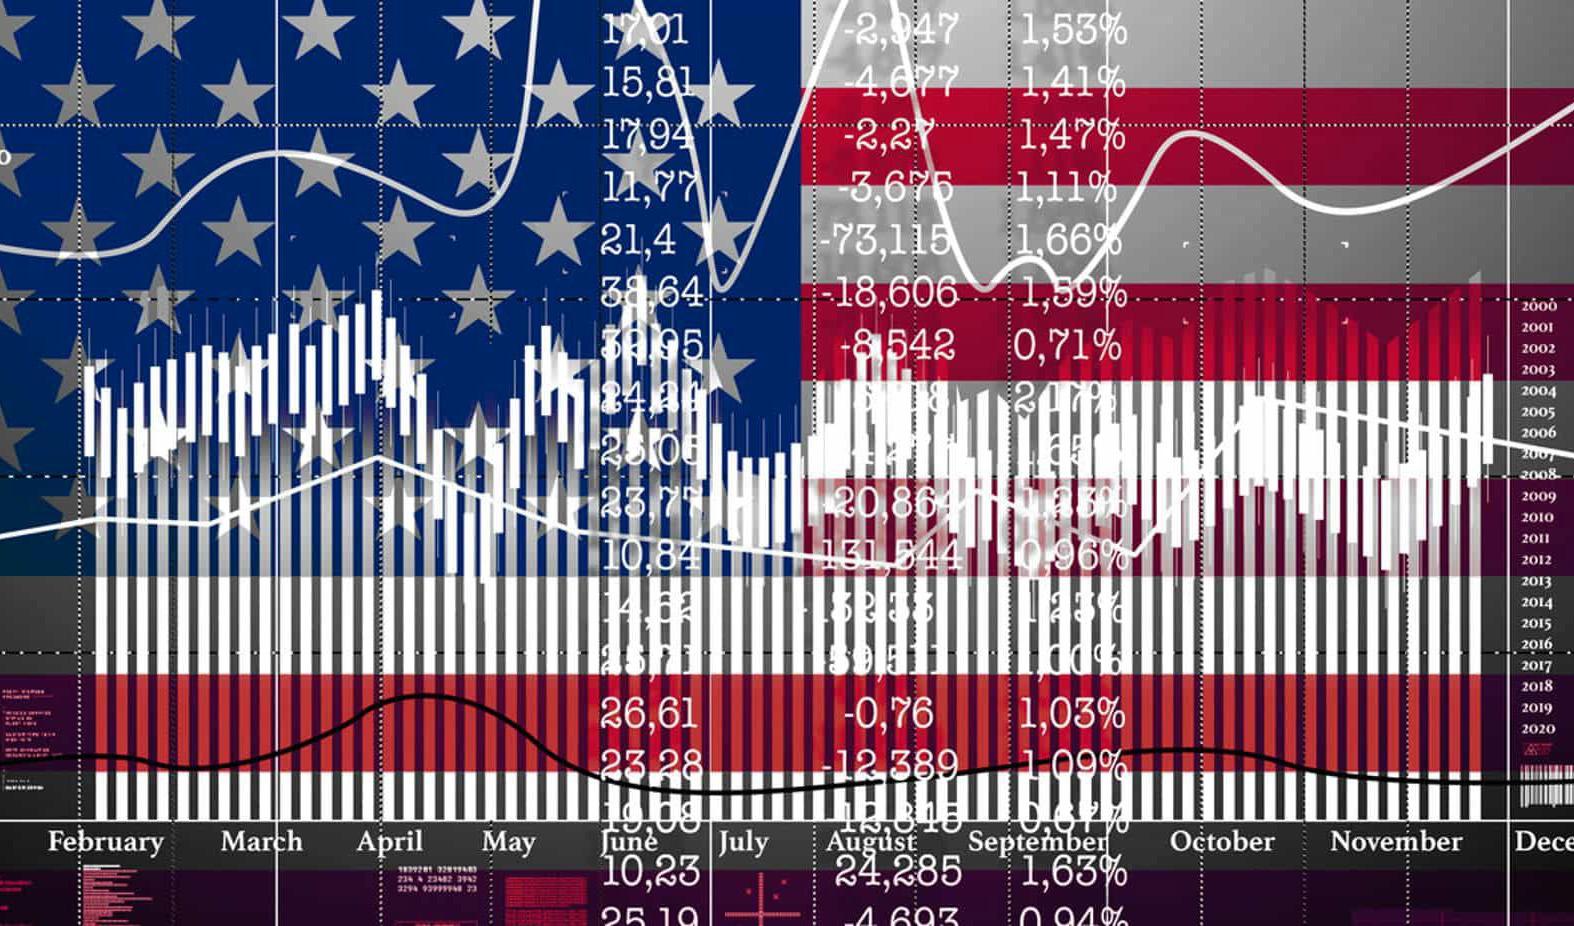 نرخ تورم در آمریکا به بالاترین رقم طی ۳۰ سال گذشته رسید